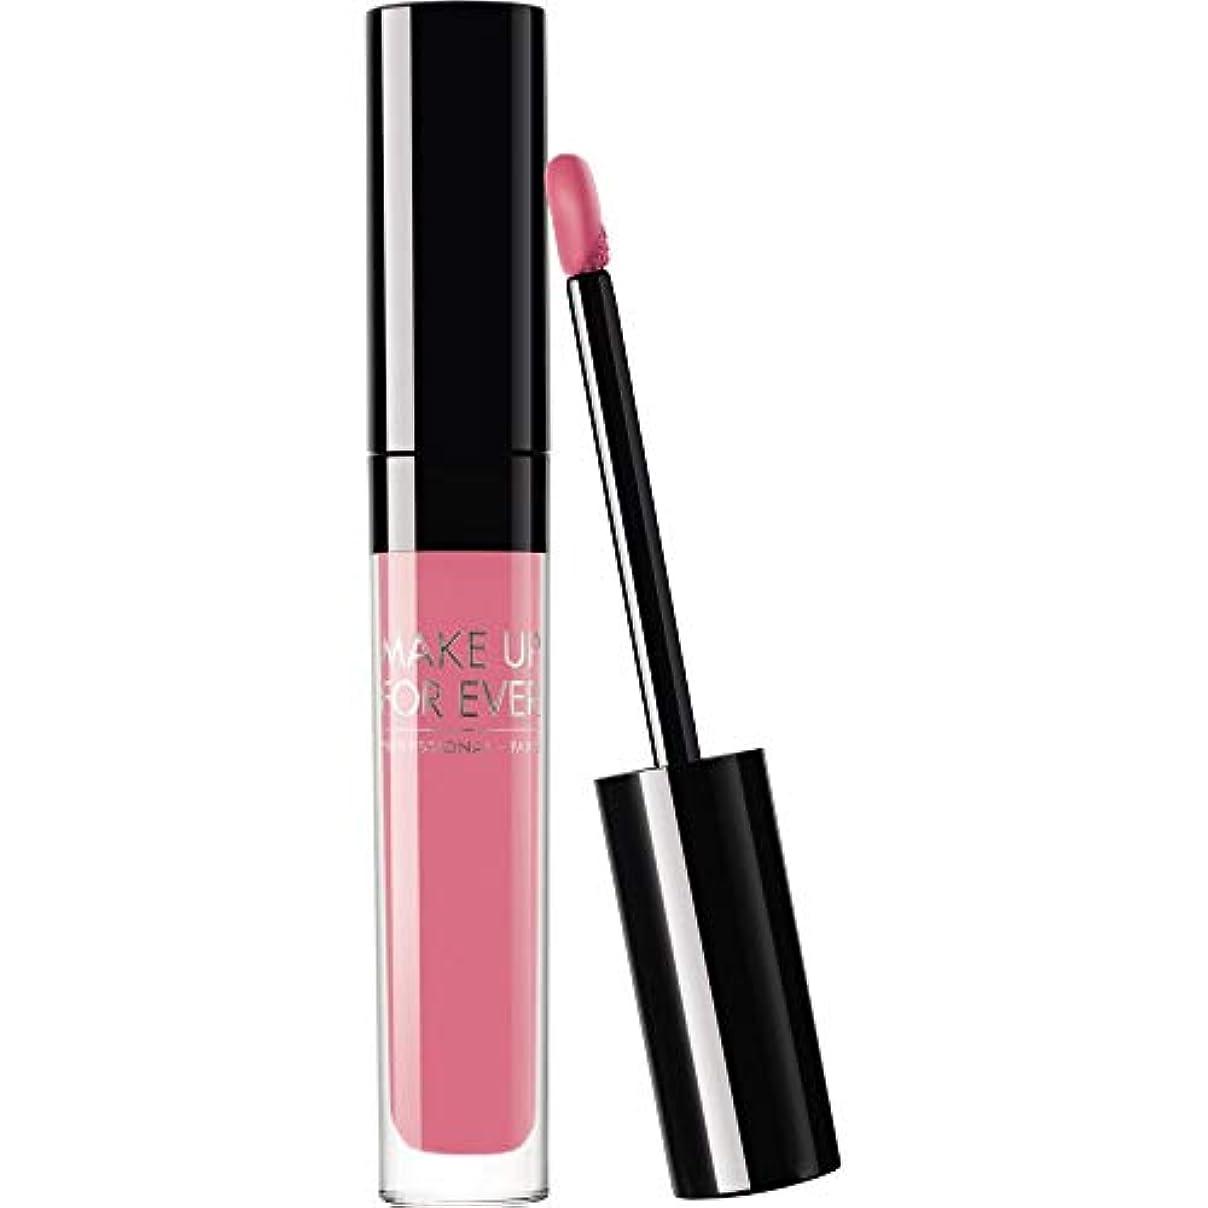 売上高動機付けるマットレス[MAKE UP FOR EVER] 新鮮なピンク - 201 2.5ミリリットルこれまでアーティストの液体マットリップカラーを補います - MAKE UP FOR EVER Artist Liquid Matte Lip...